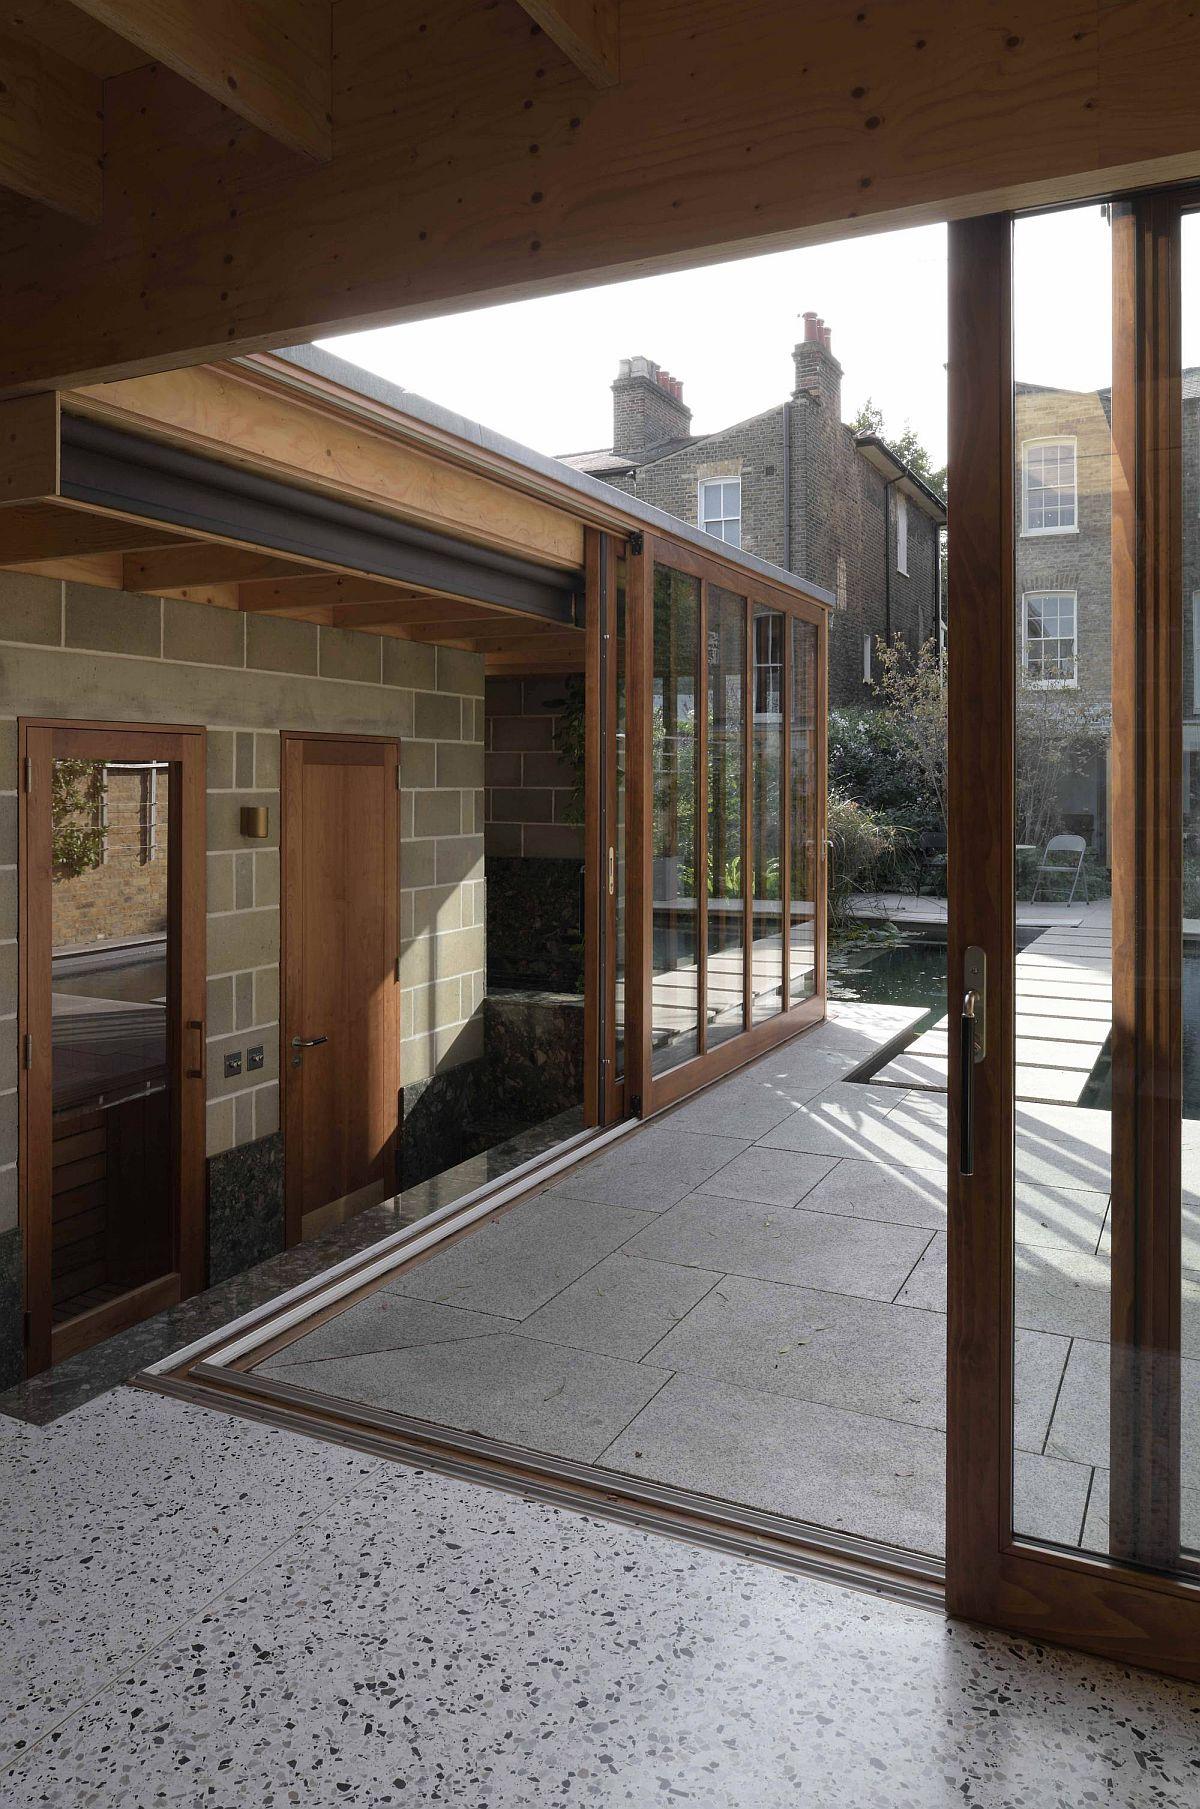 L'espace autour de la salle de jardin se jette dans le paysage extérieur